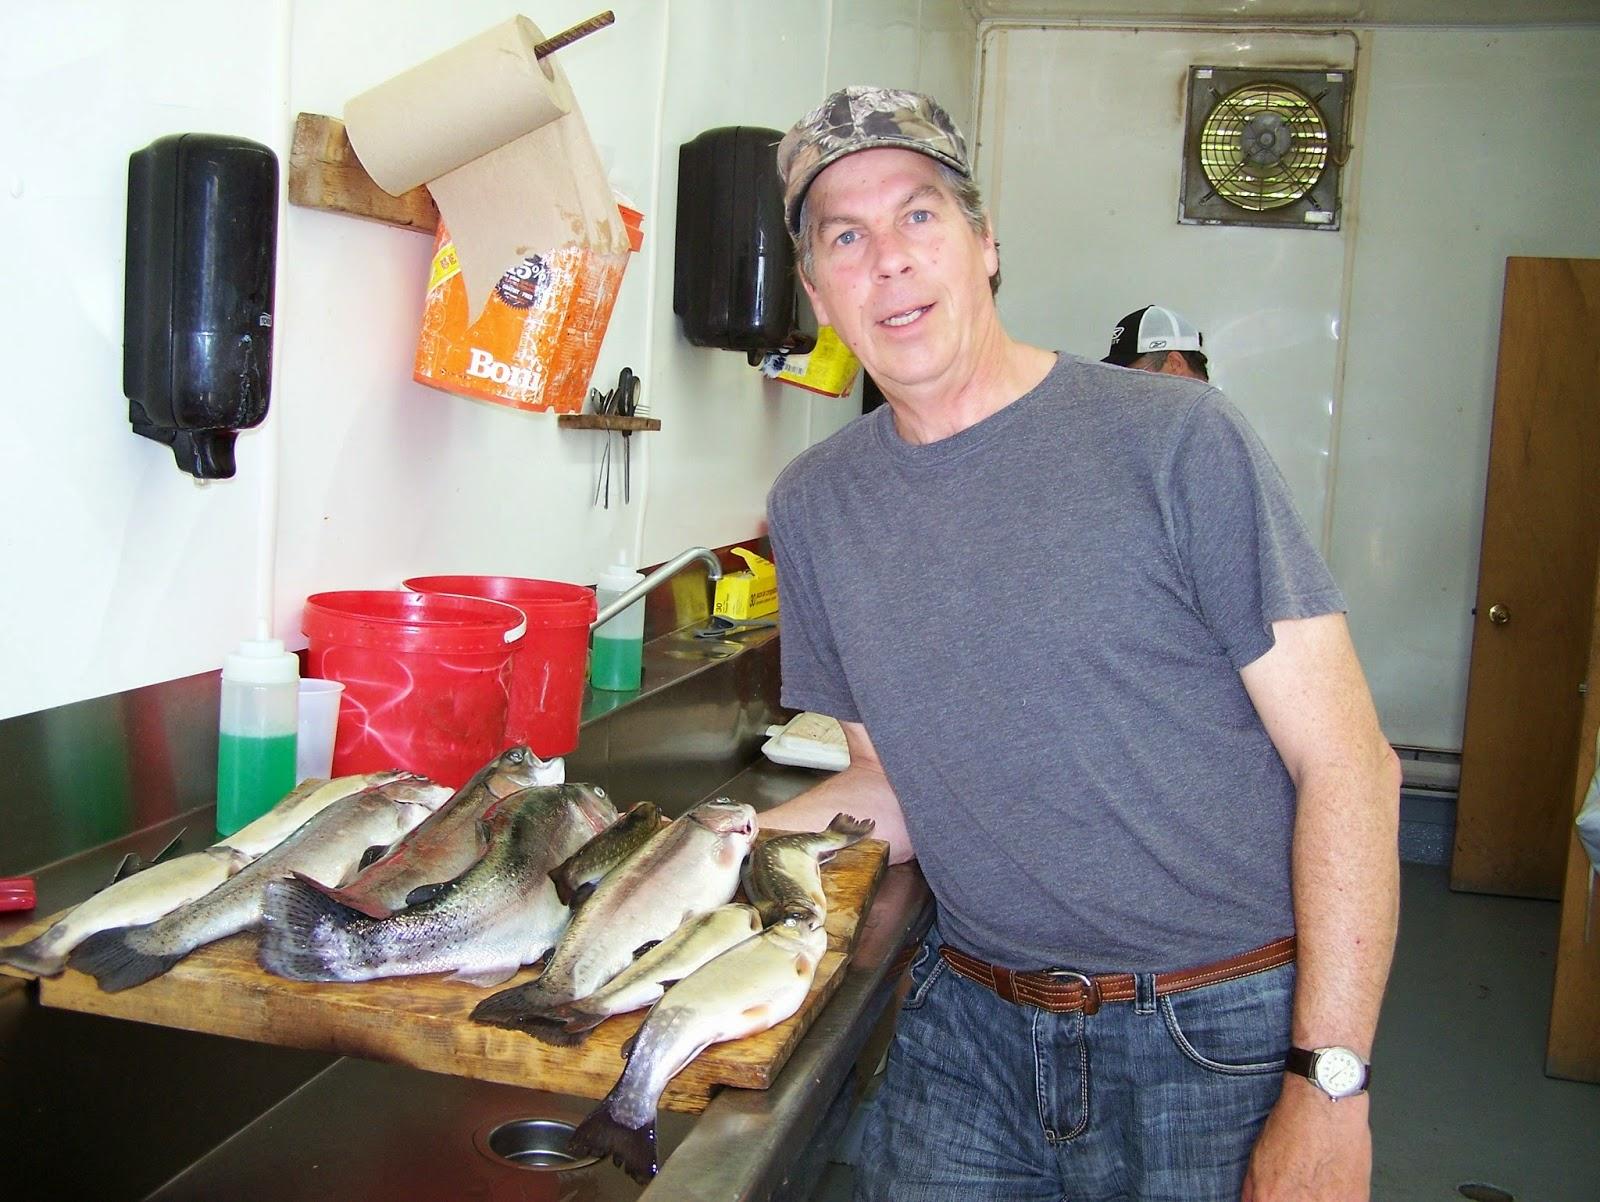 Pêche truite, blogue sur la pêche, blogue de pêche, blogue populaire, Parlons Pêche